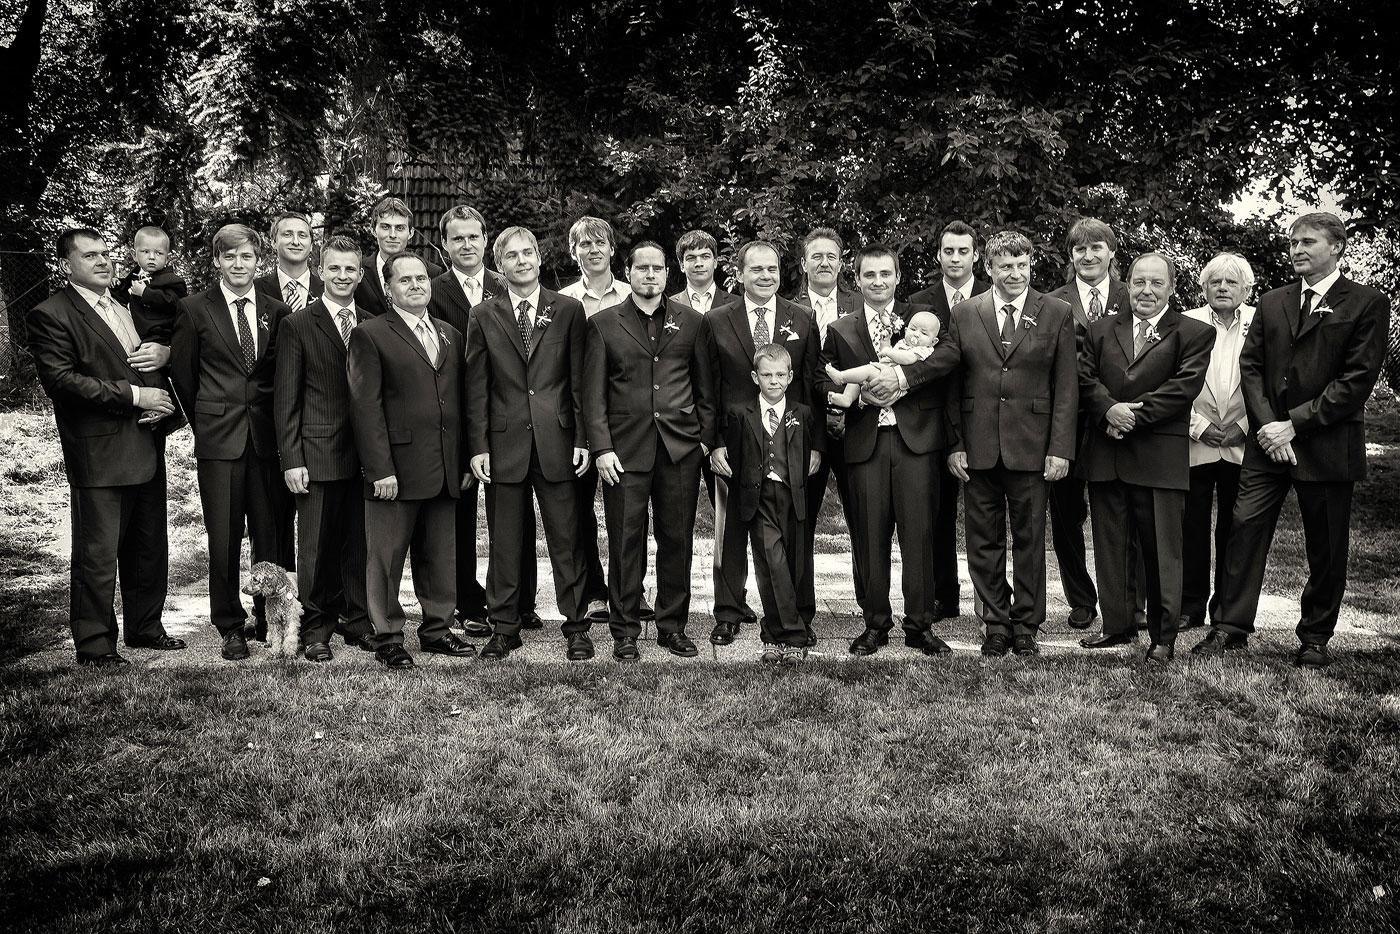 Černobílá svatební fotografie - skupinové foto